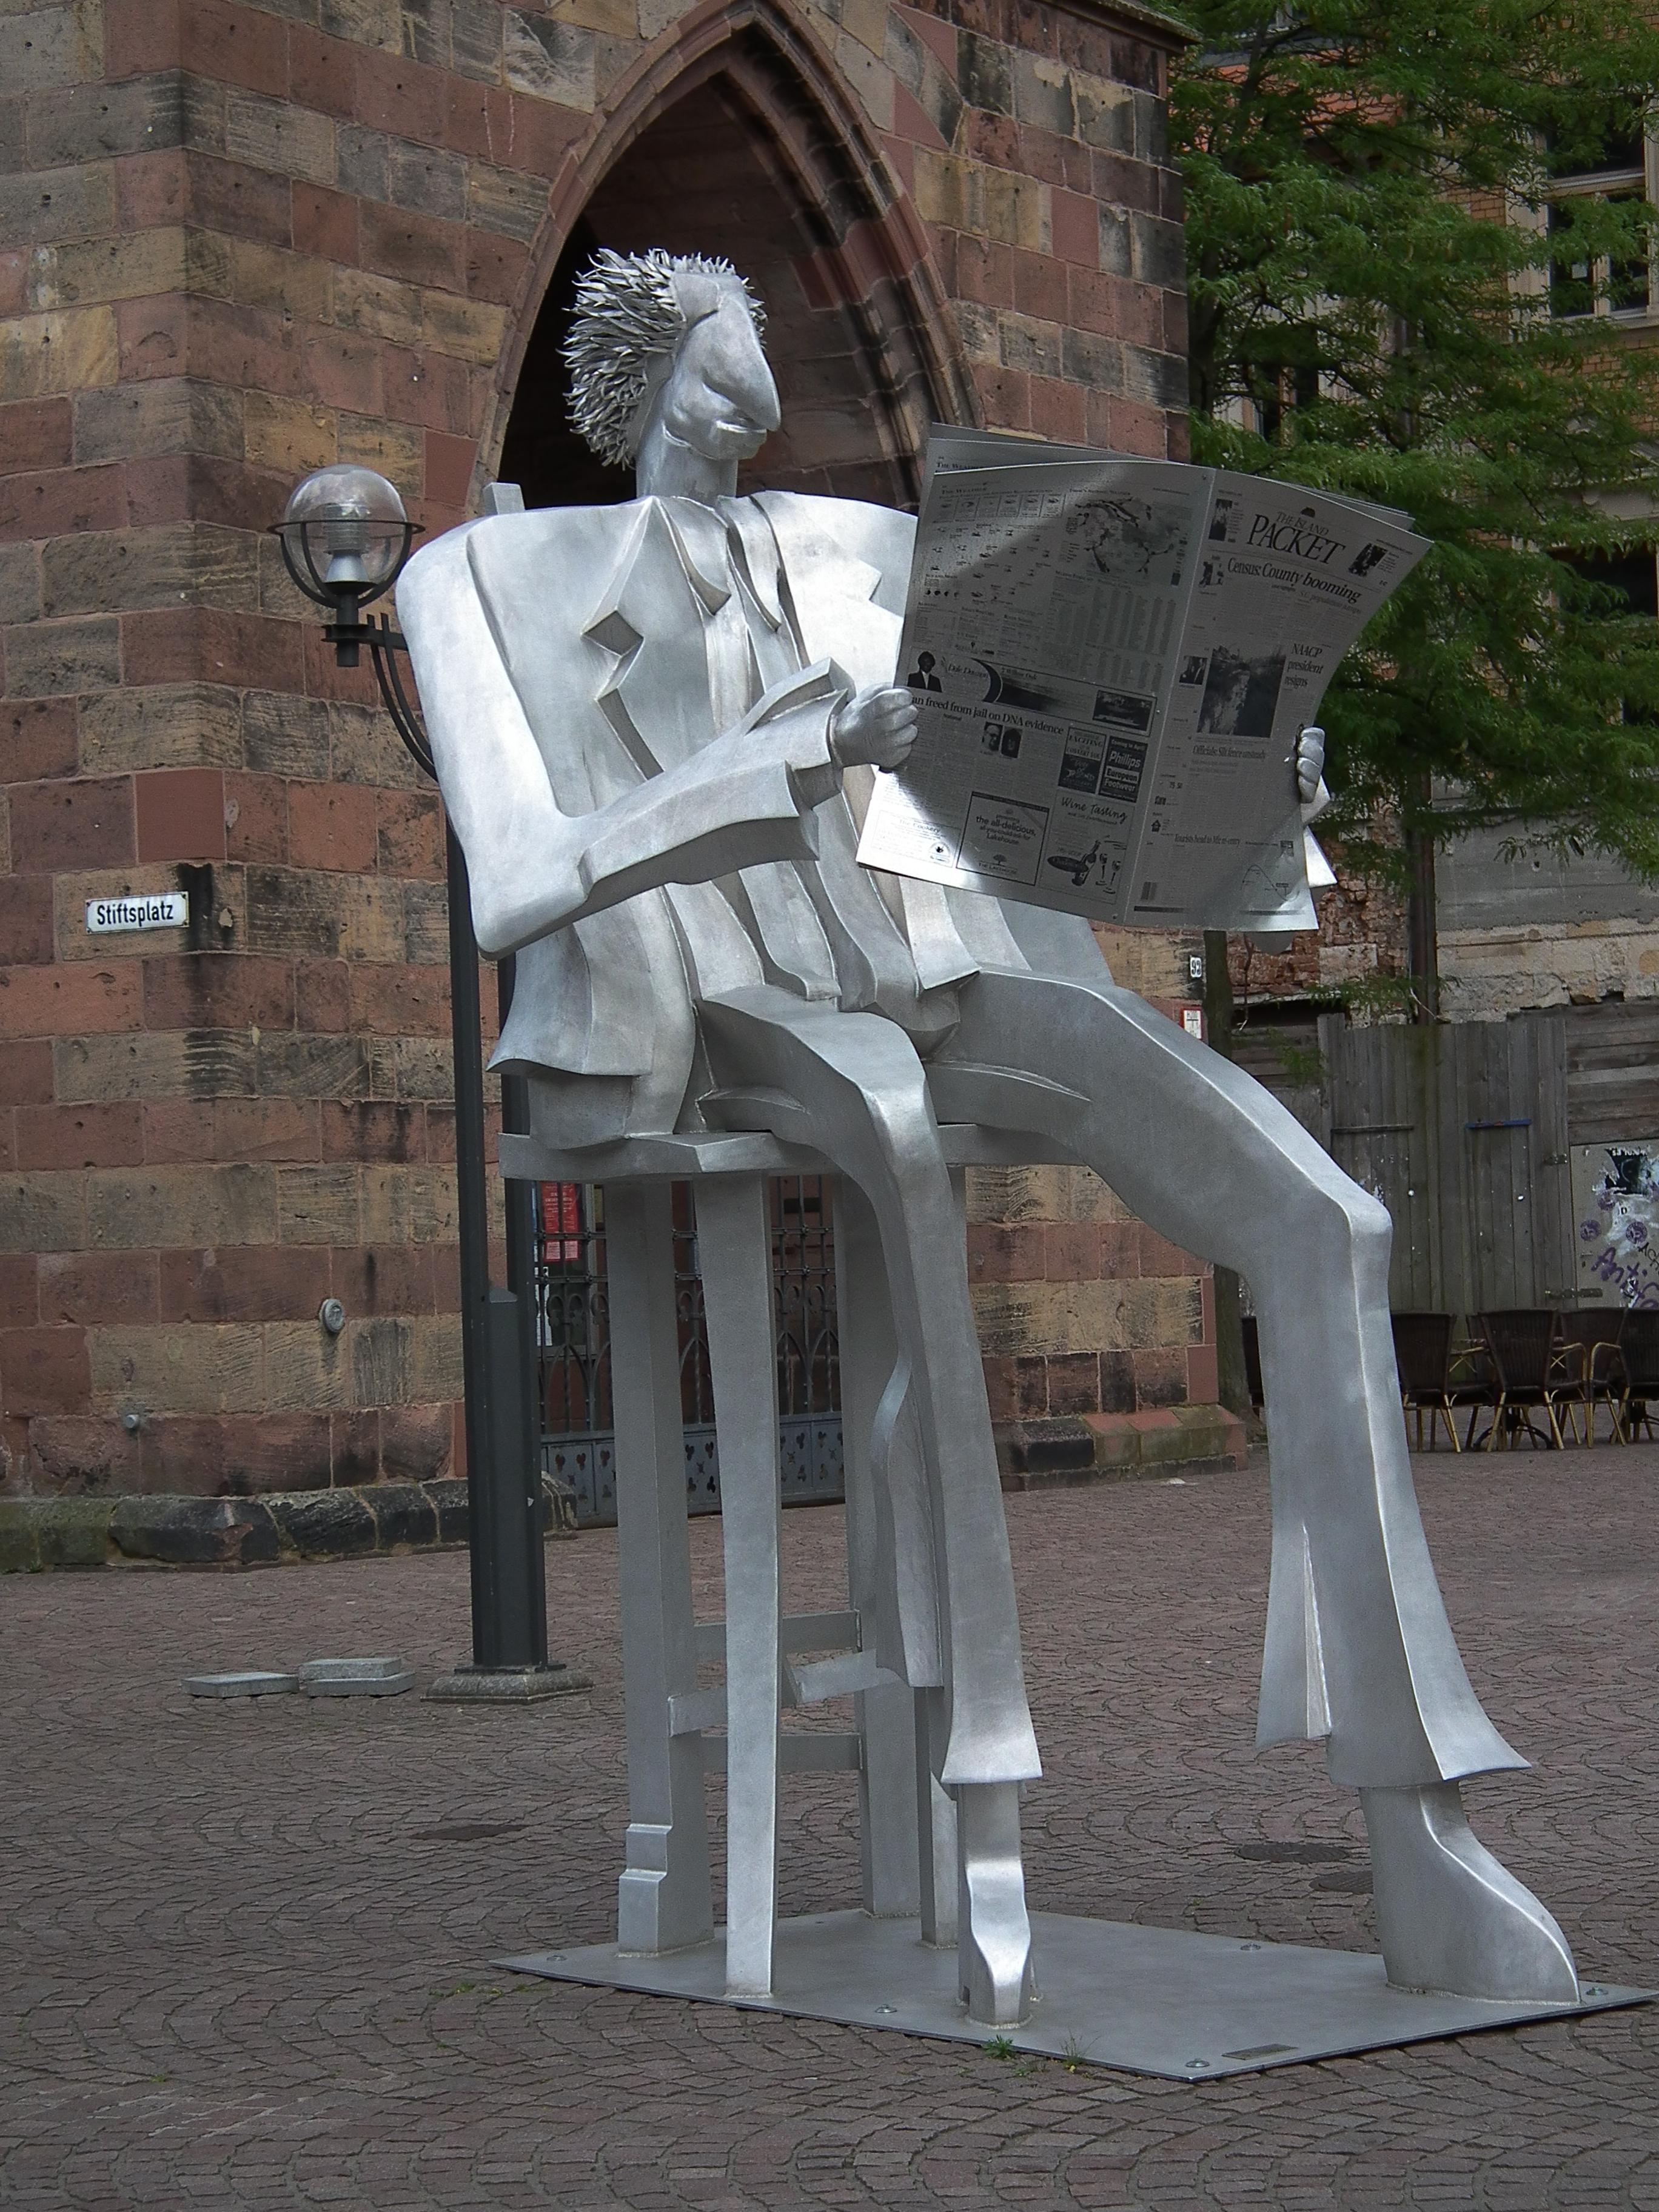 Sculpture by Kurt Laurenz Metzler